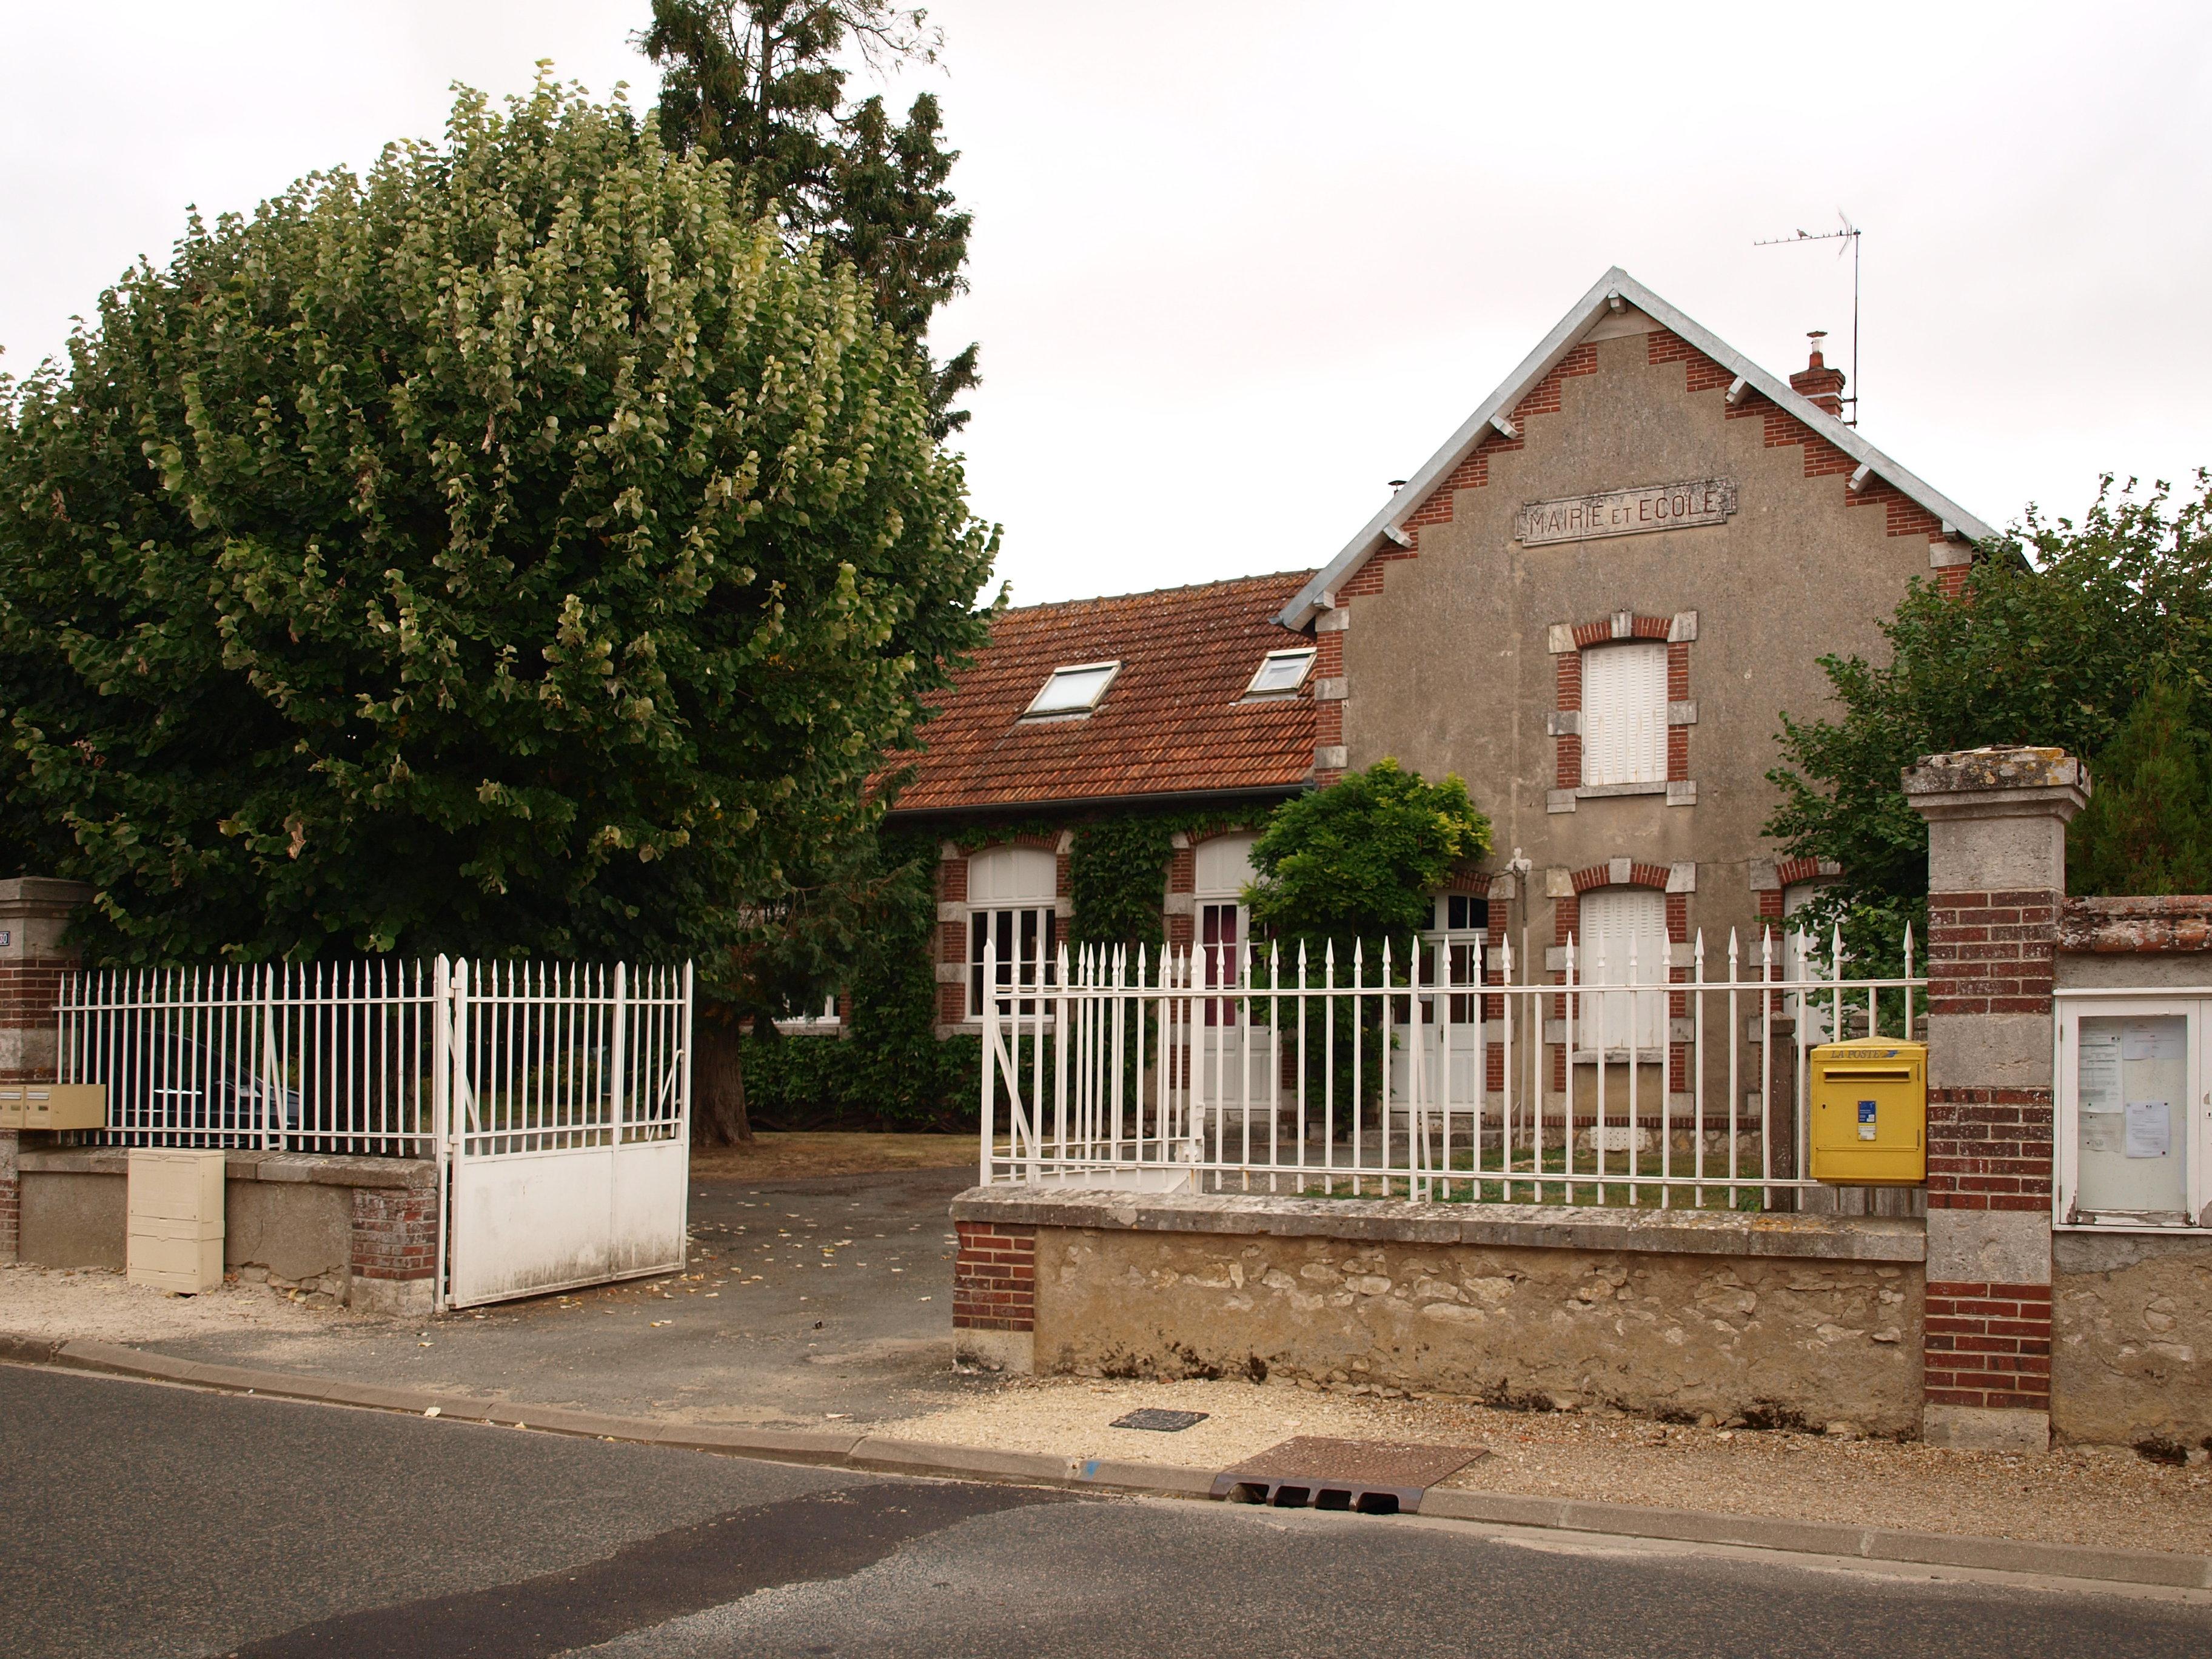 Saint-Cloud-en-Dunois